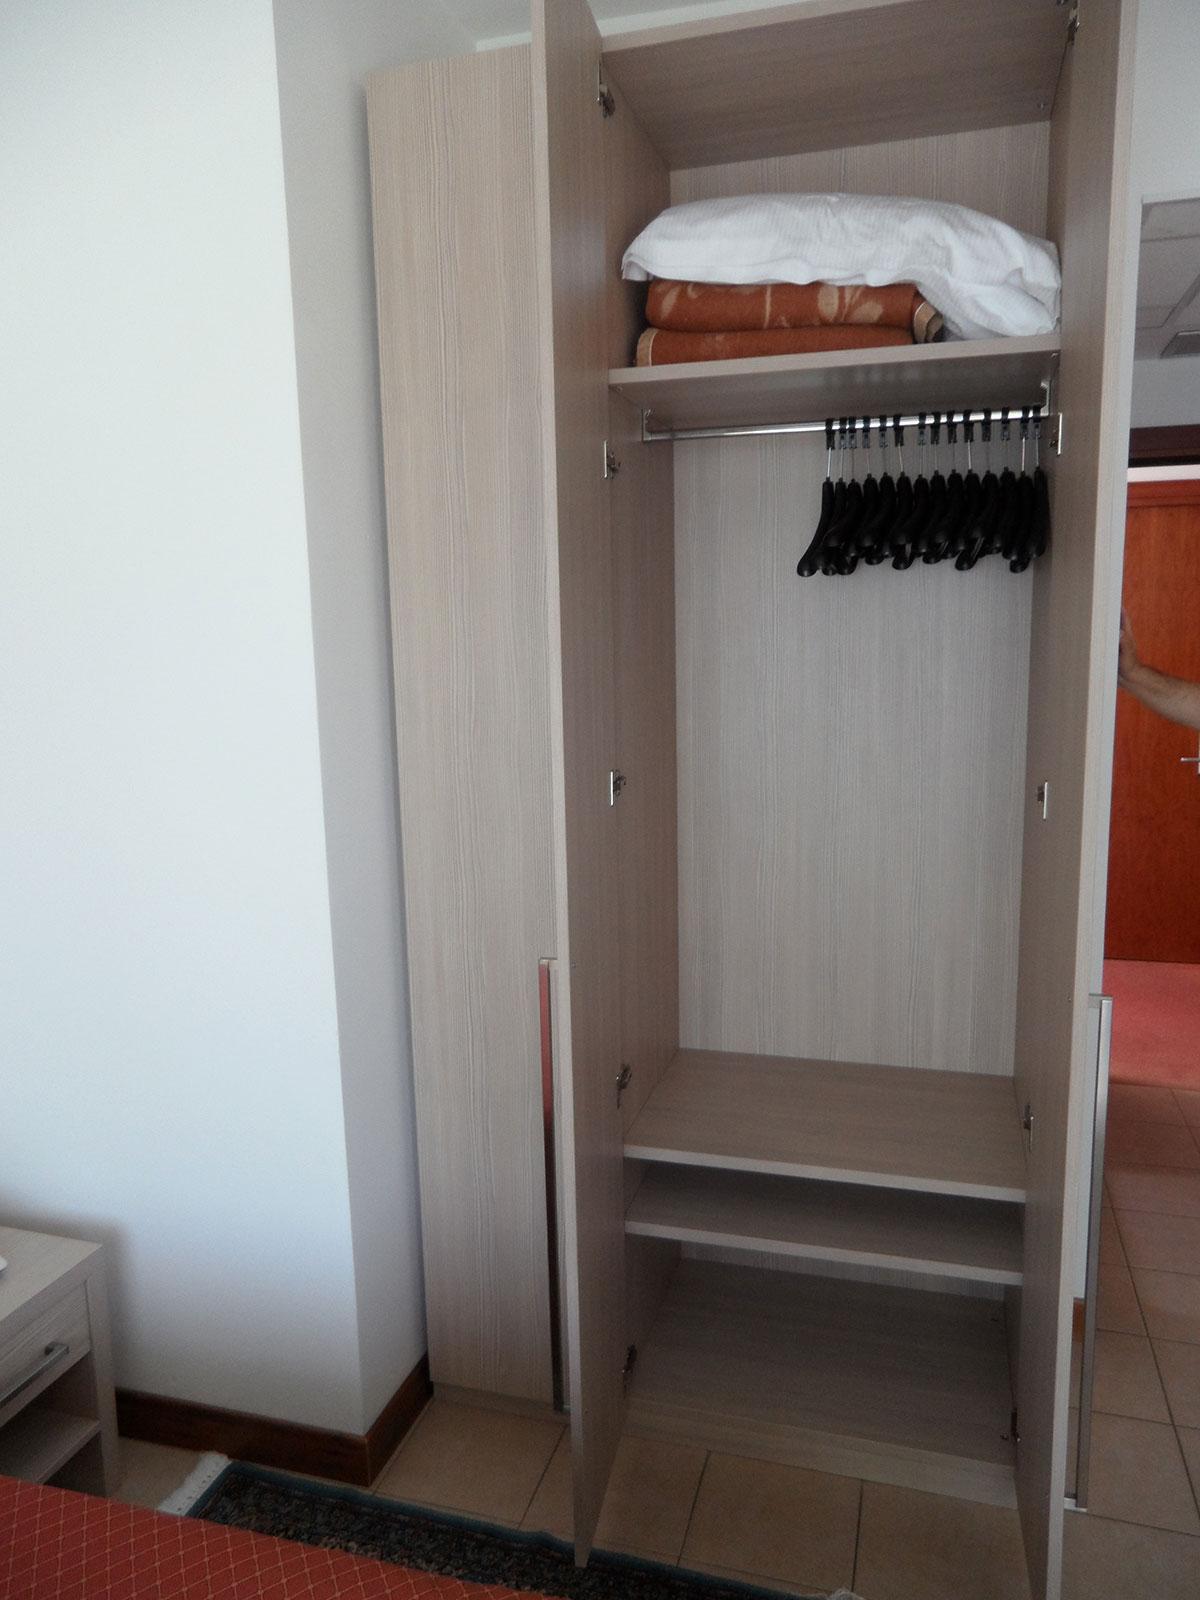 Mobilificioborin passione dedizione ed eccellenza for Hotel meuble moderno laveno